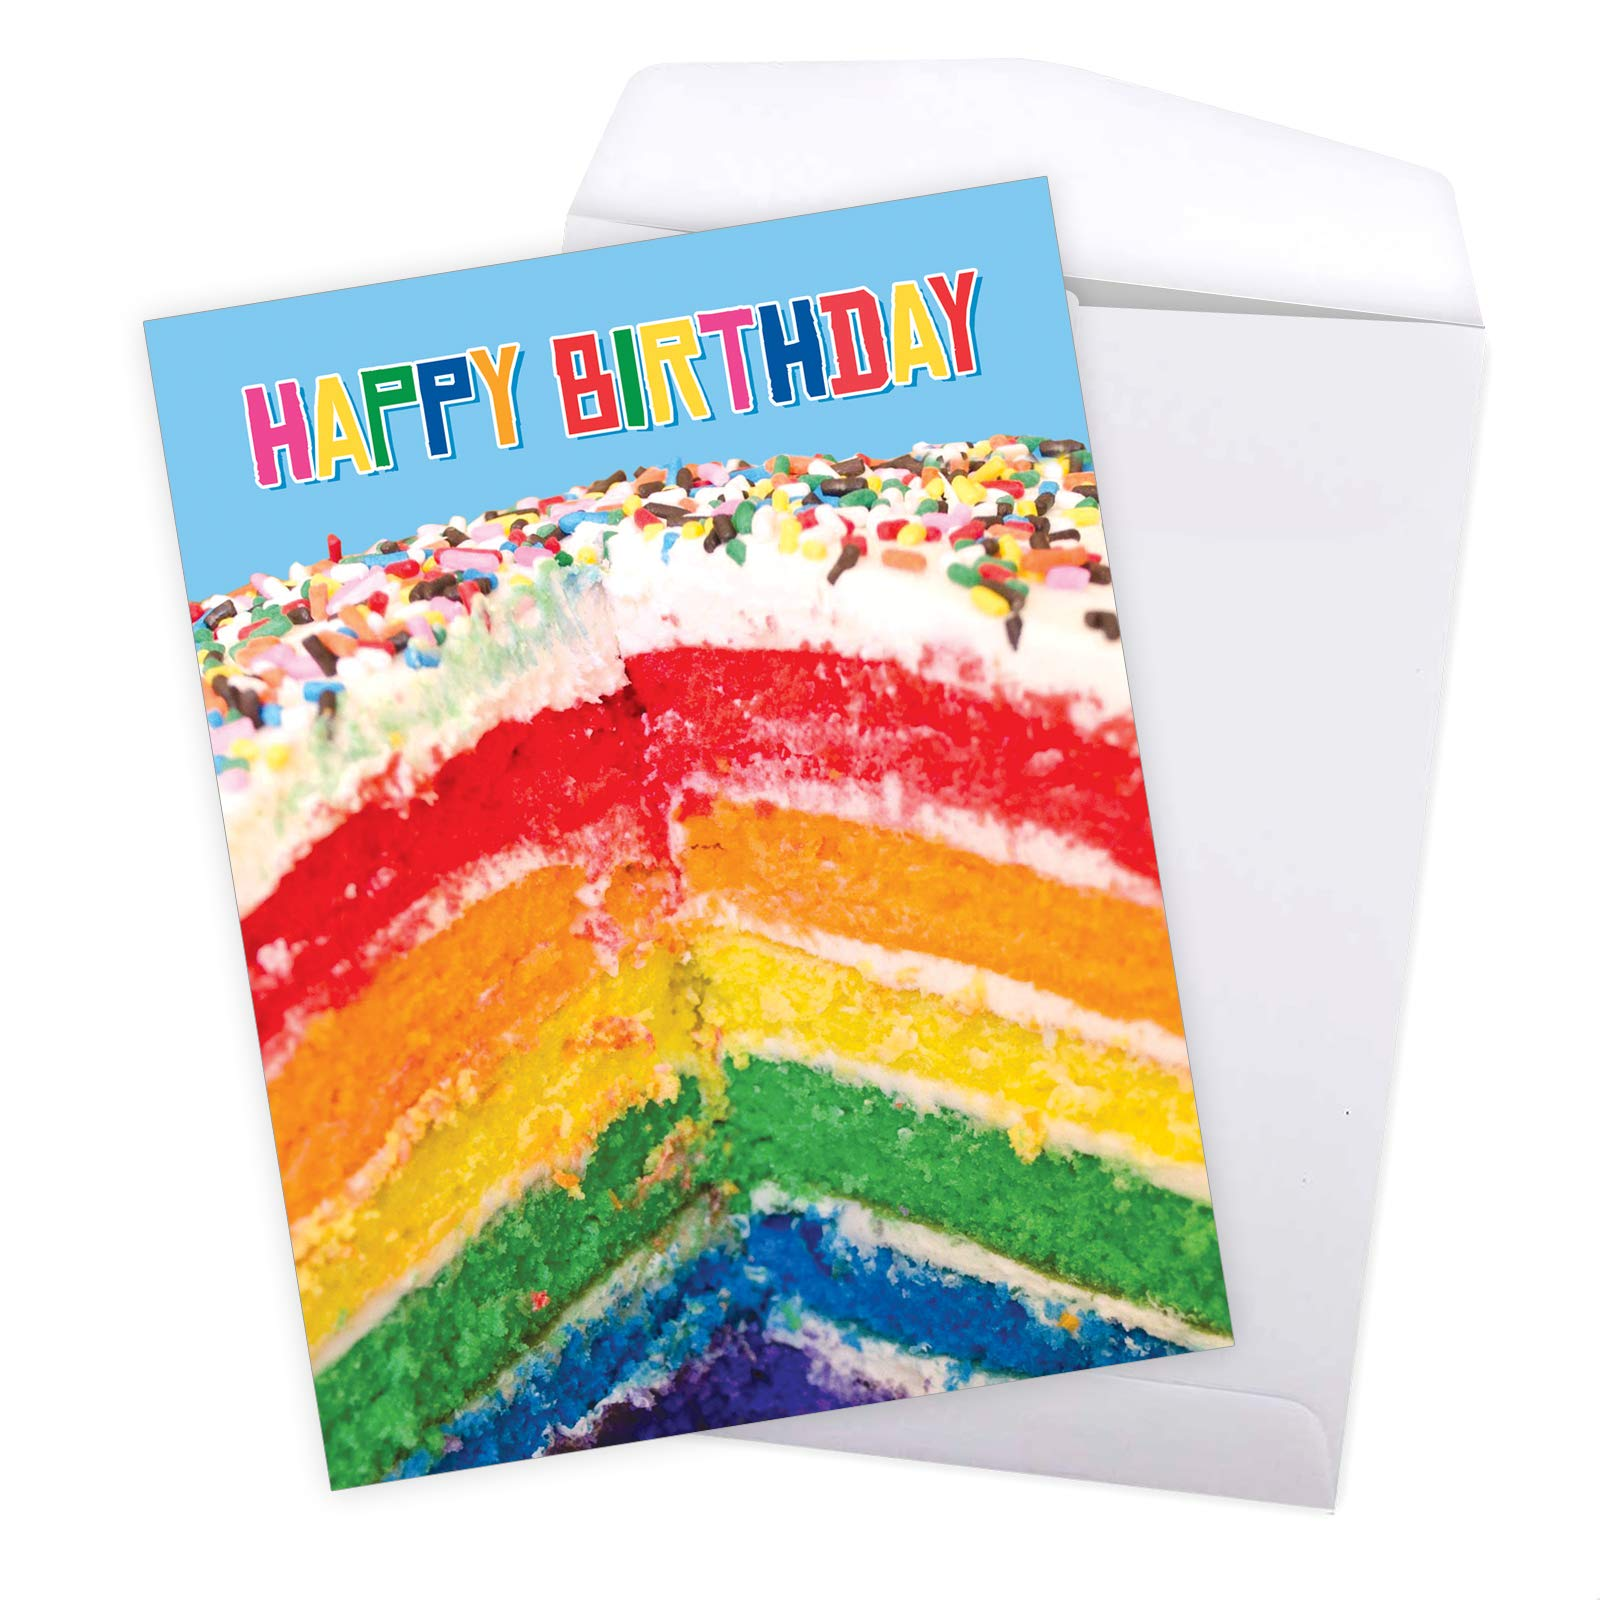 kawaii cards cards for kids rainbow card girly rainbow birthday card rainbow greeting friend card long distance card covid cards